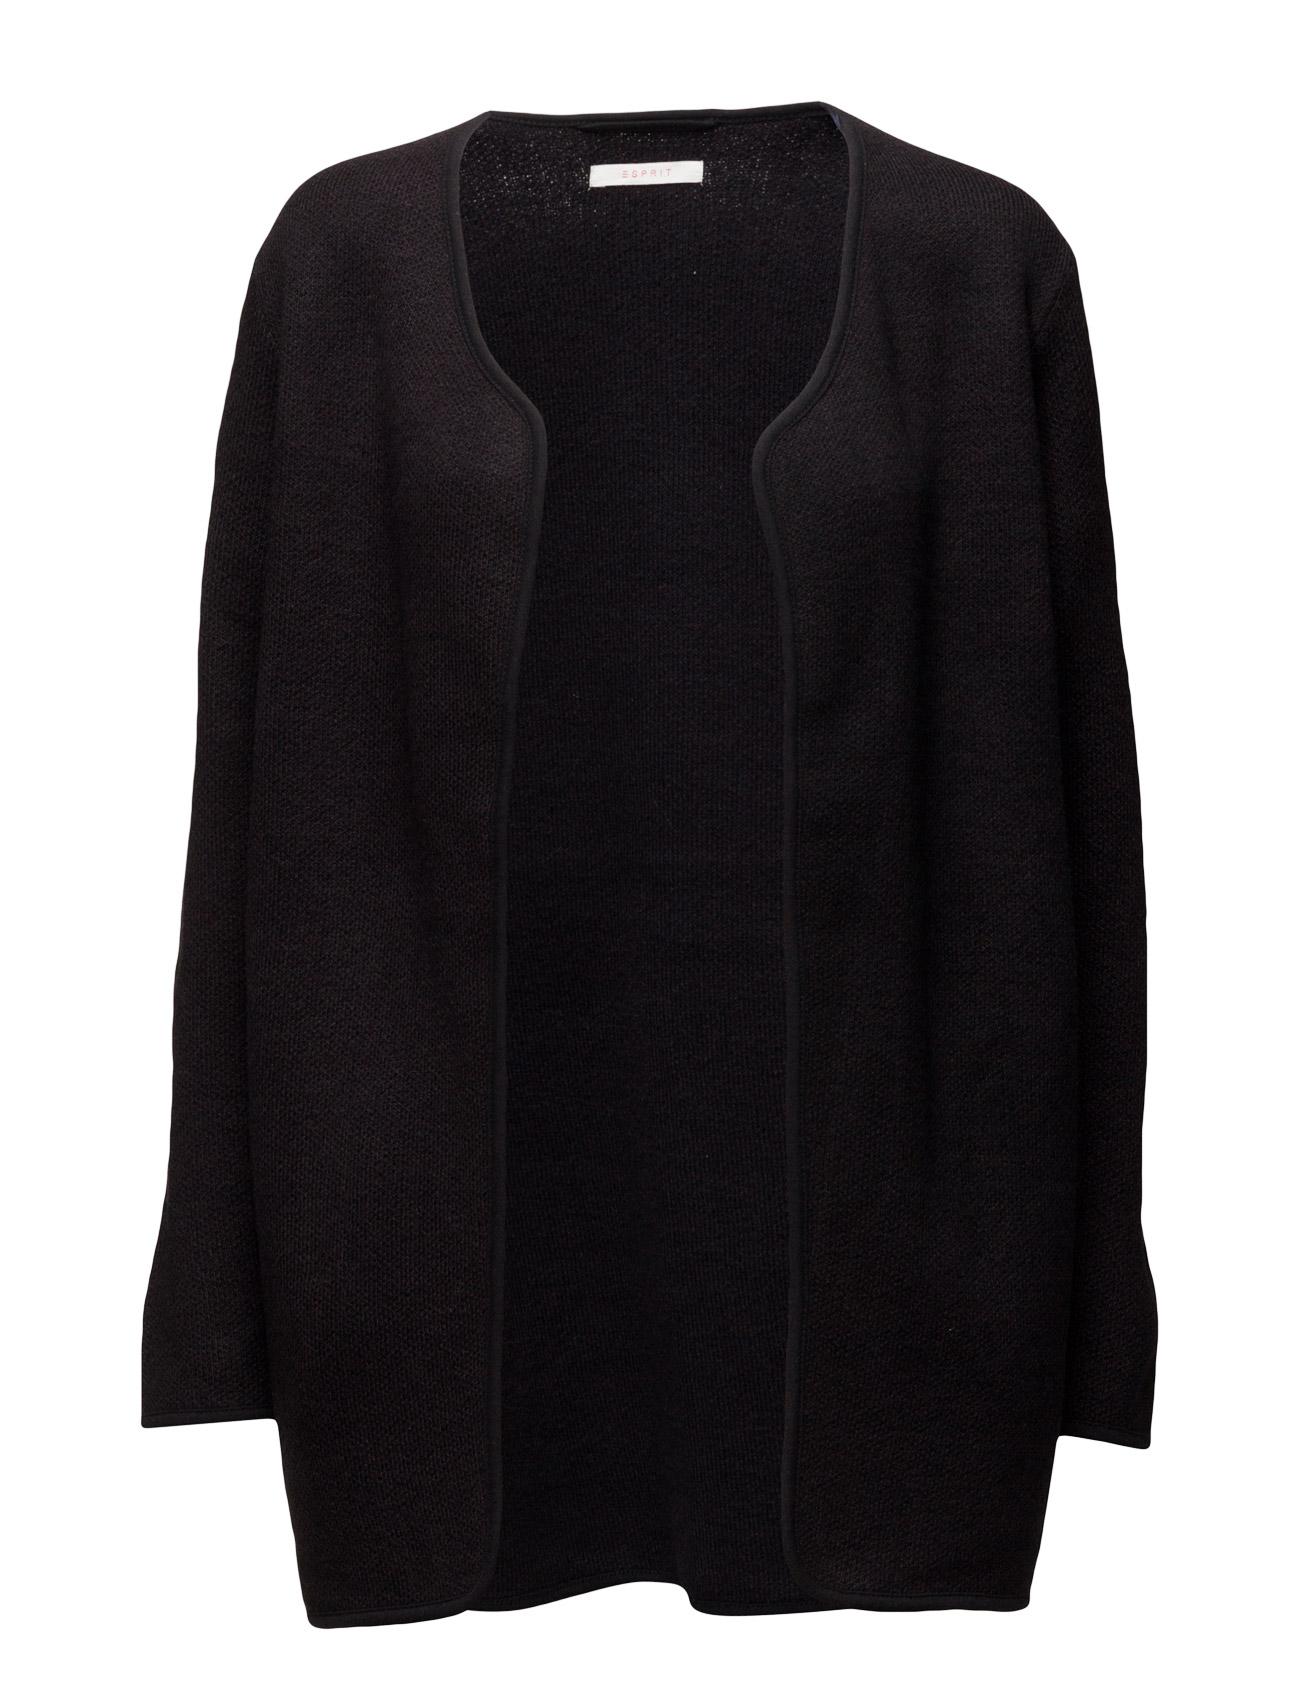 Jackets Outdoor Knitted Esprit Casual Cardigans til Damer i